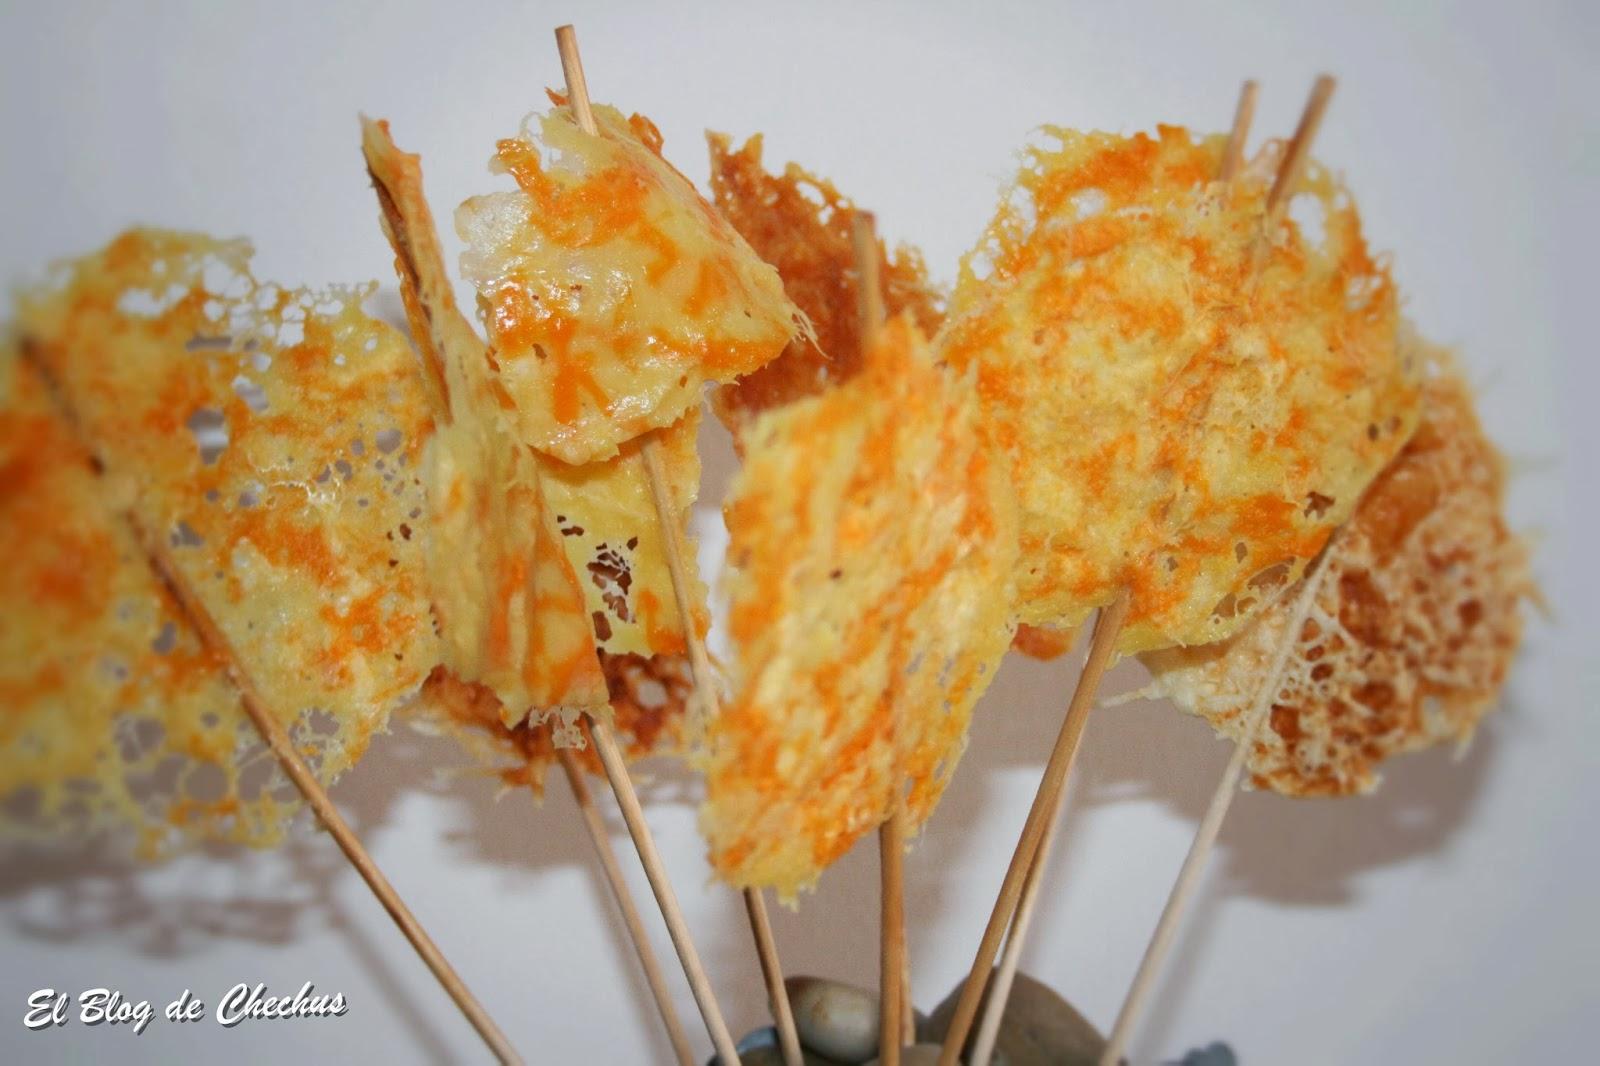 Piruletas de queso, El Blog de Chechus, Chechus Cupcakes, Aperitivos